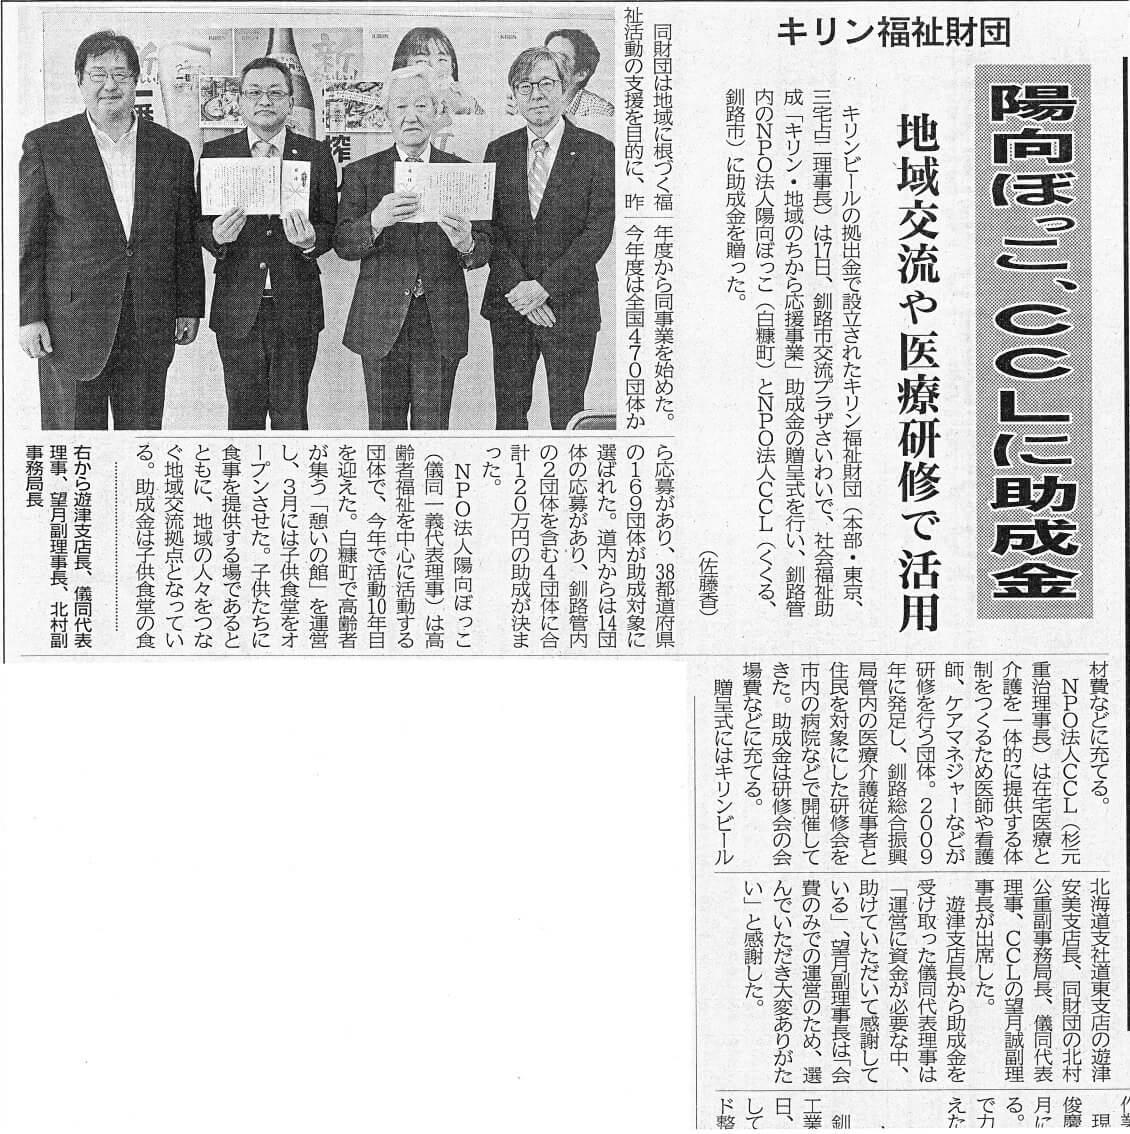 釧路新聞 2019年5月19日付